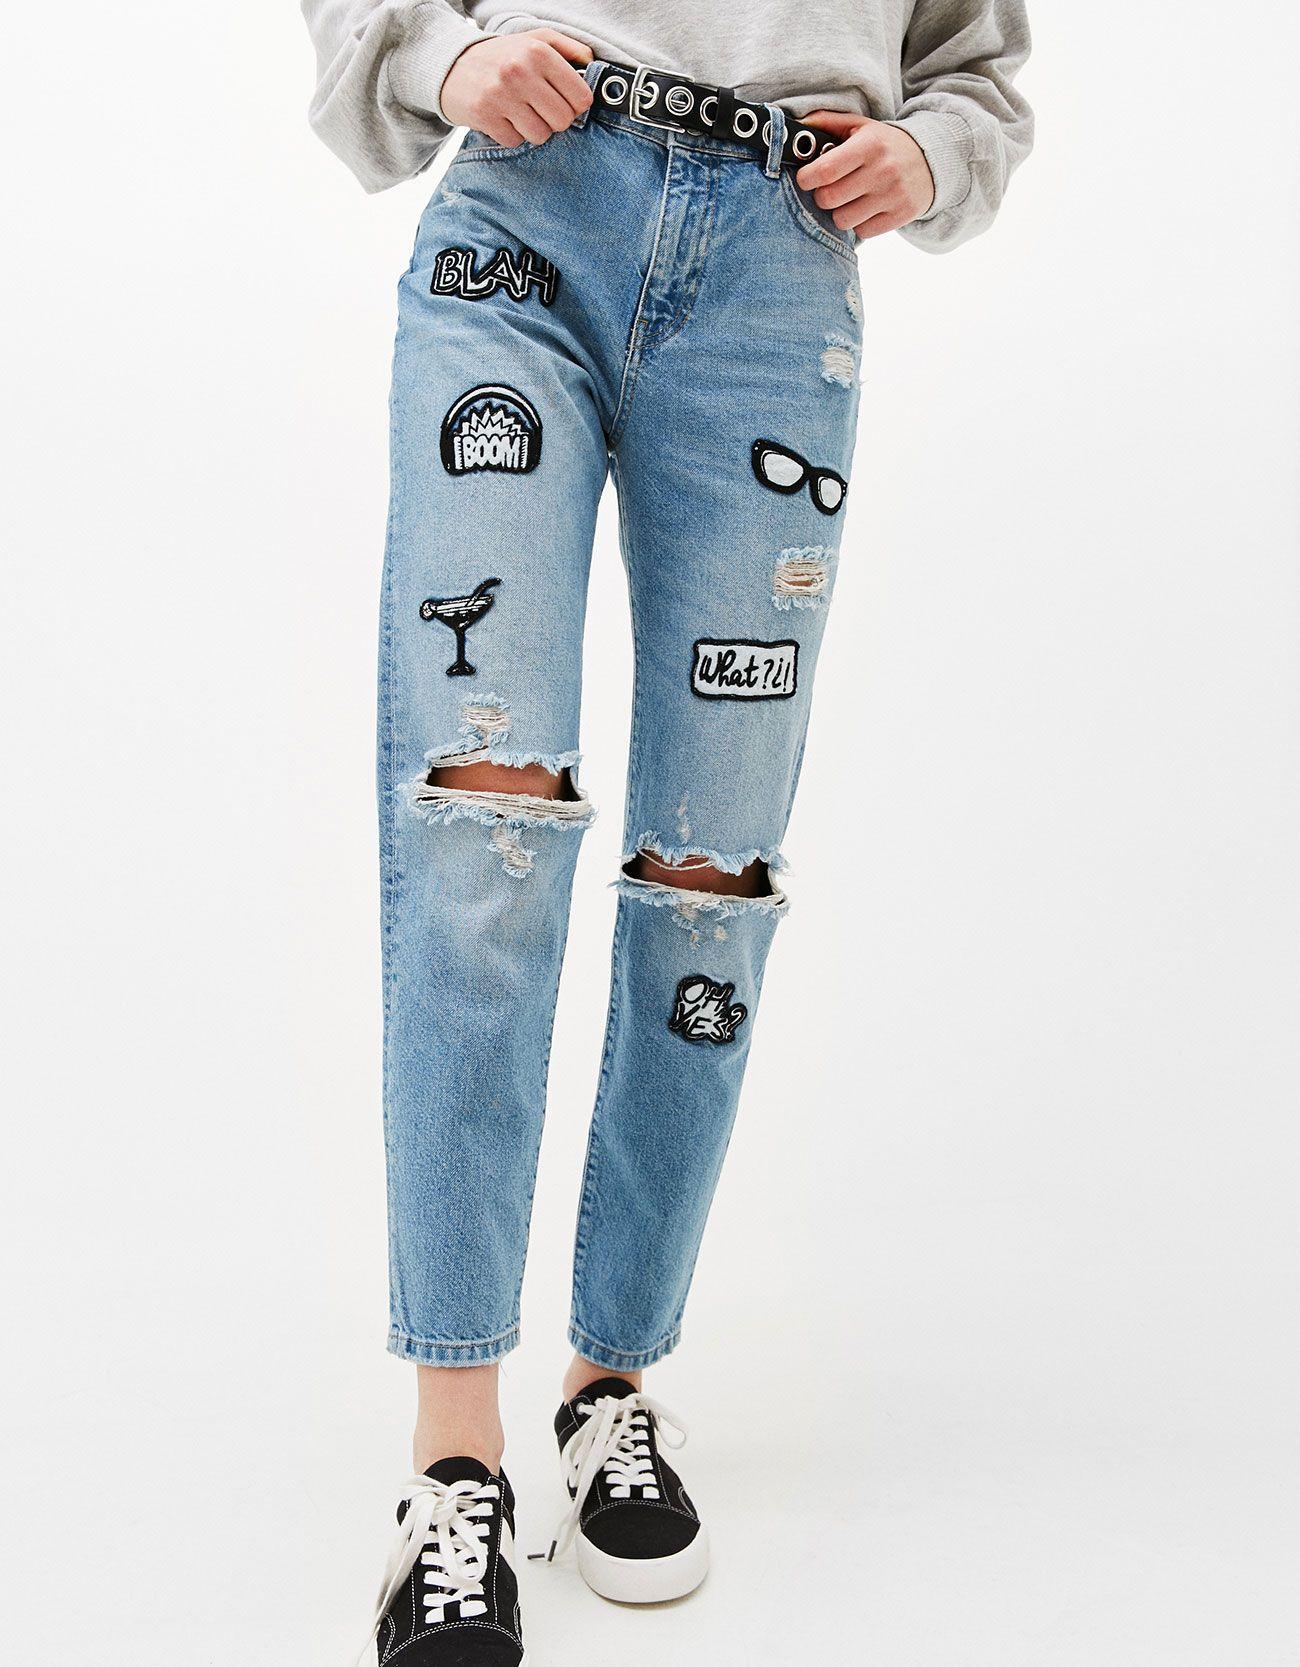 31787a47fe490 Jeans Mom Fit parches. Descubre ésta y muchas otras prendas en Bershka con  nuevos productos cada semana